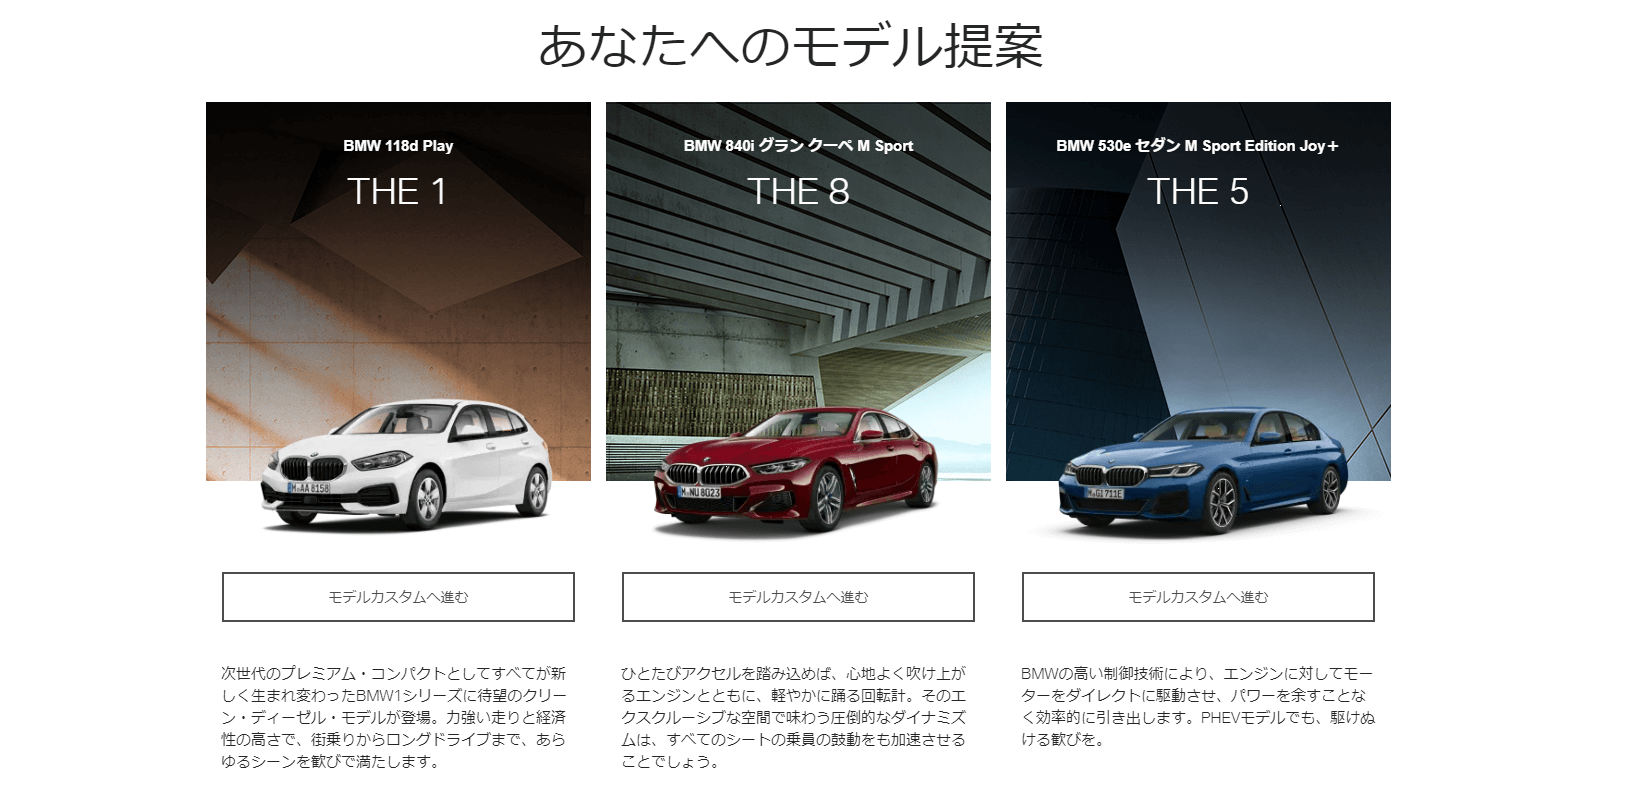 (画像出典:BMW)